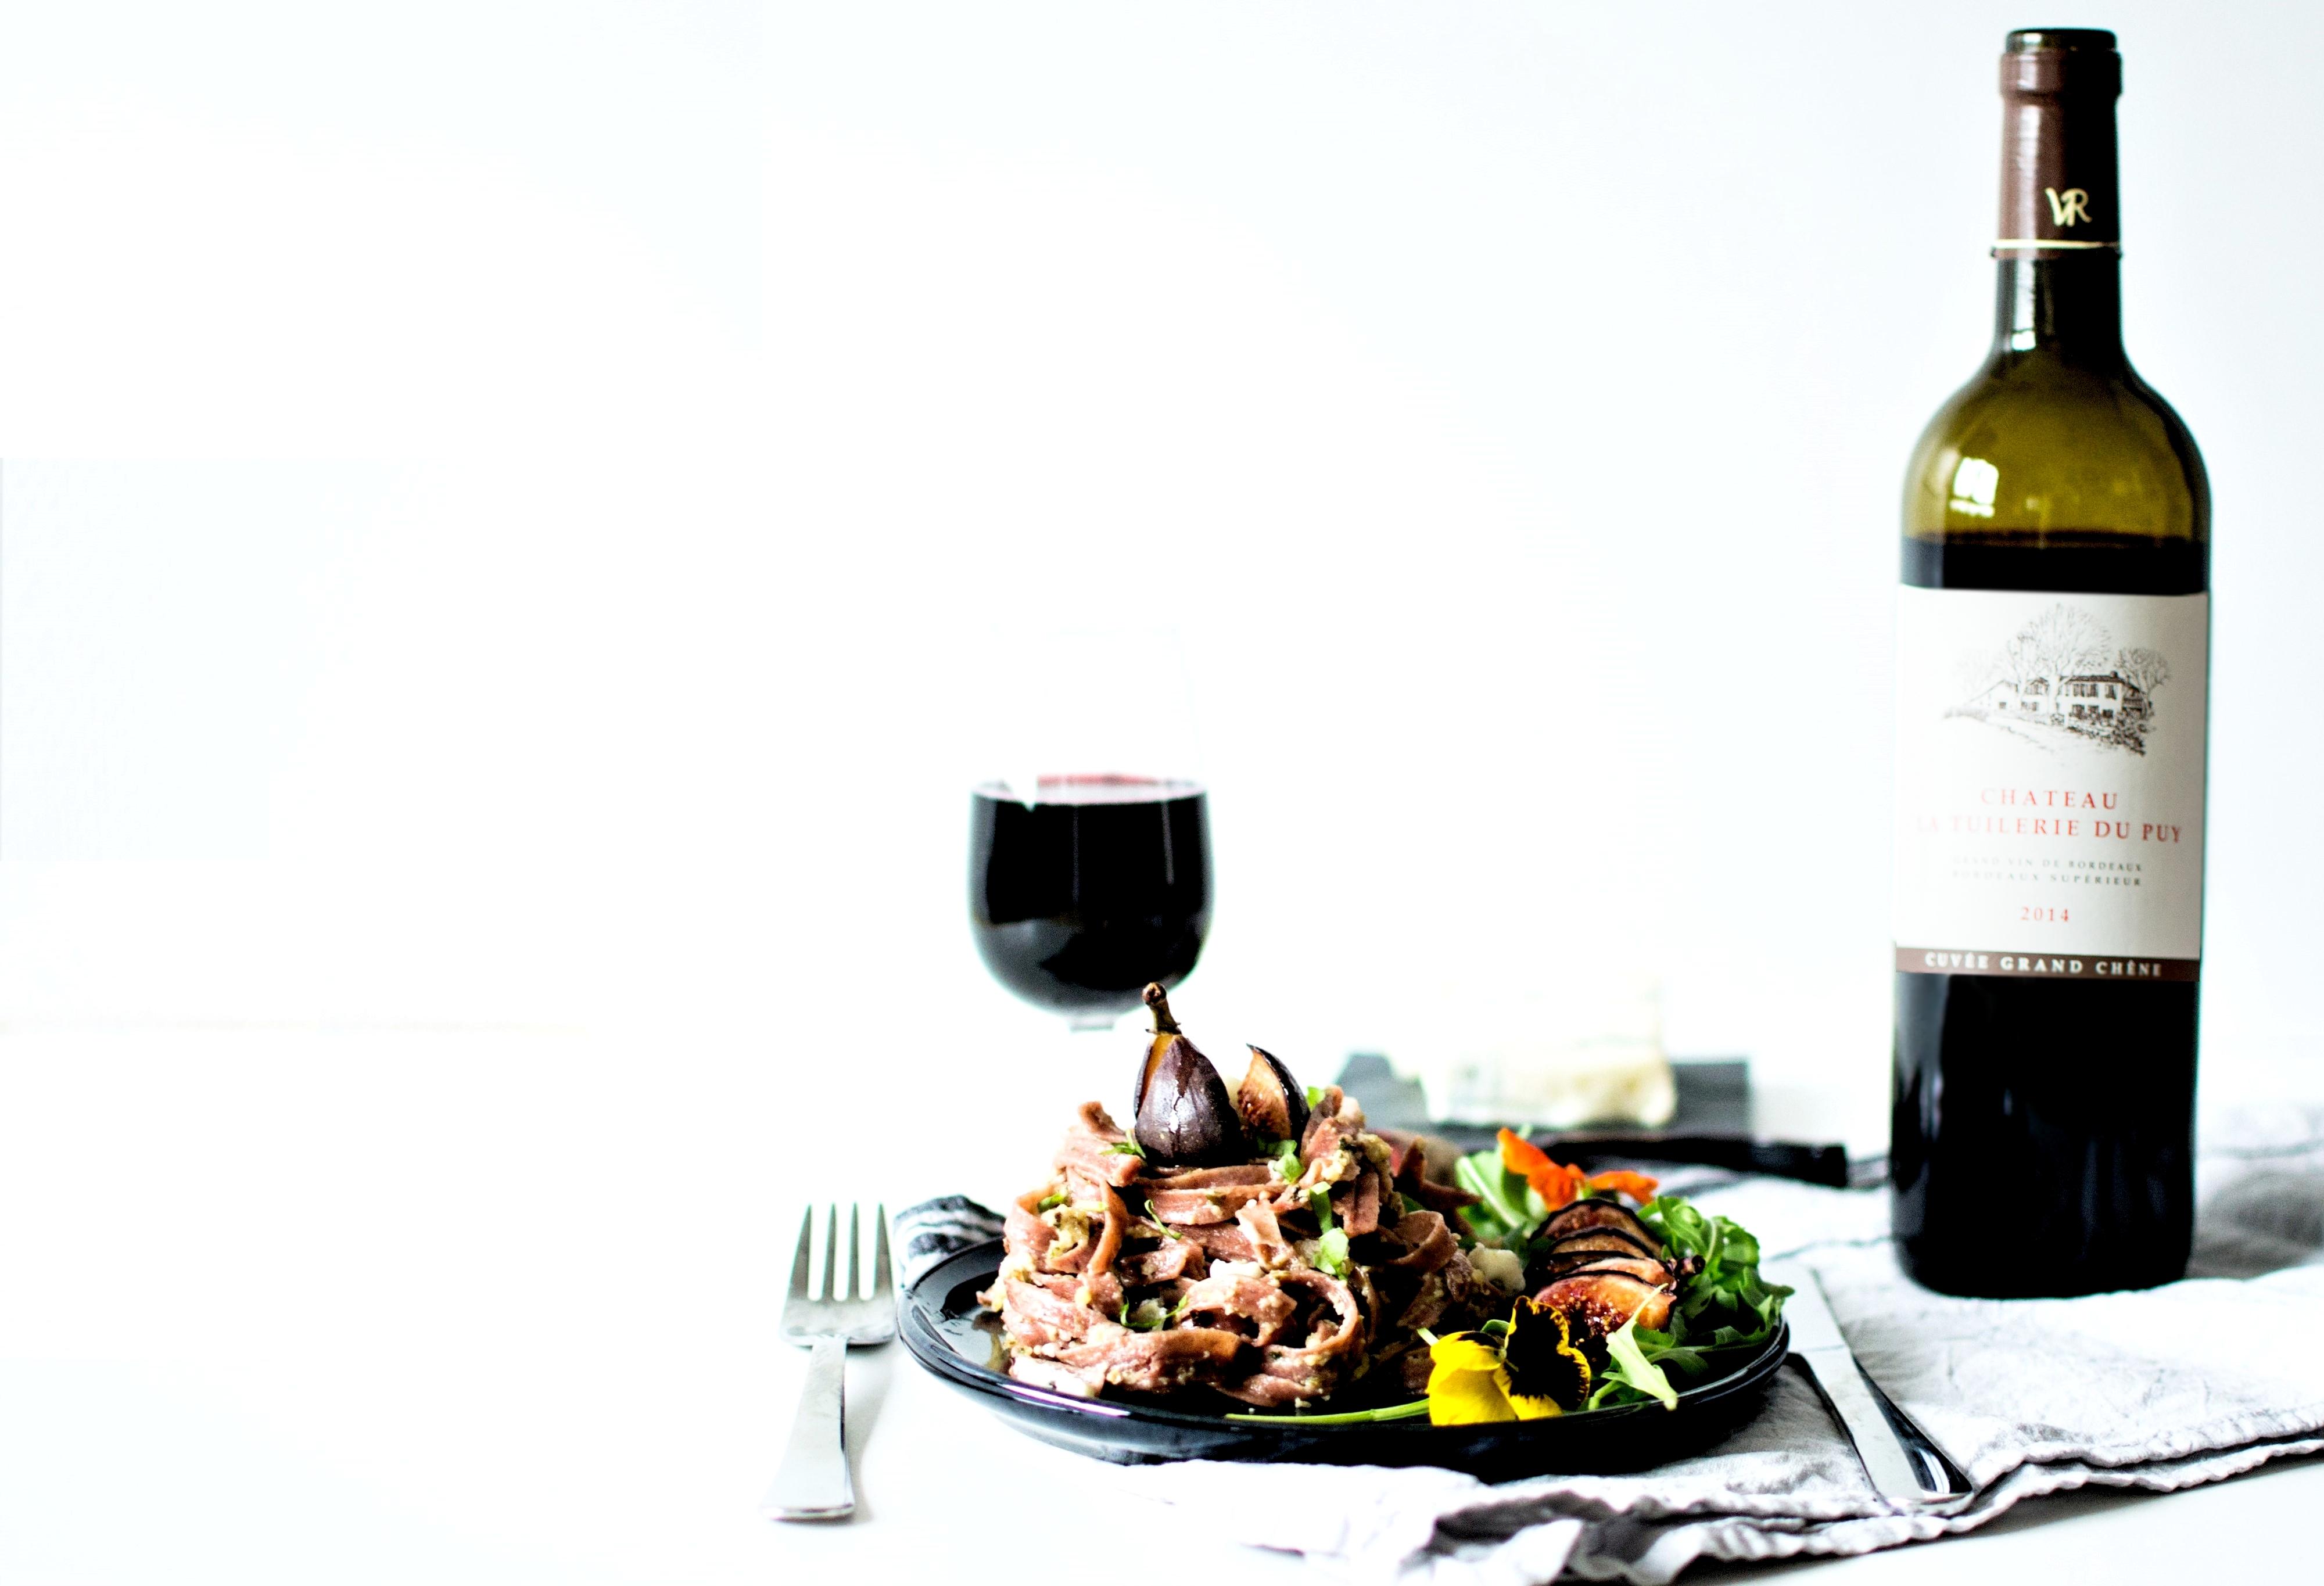 Concours Fooding Bordeaux 2